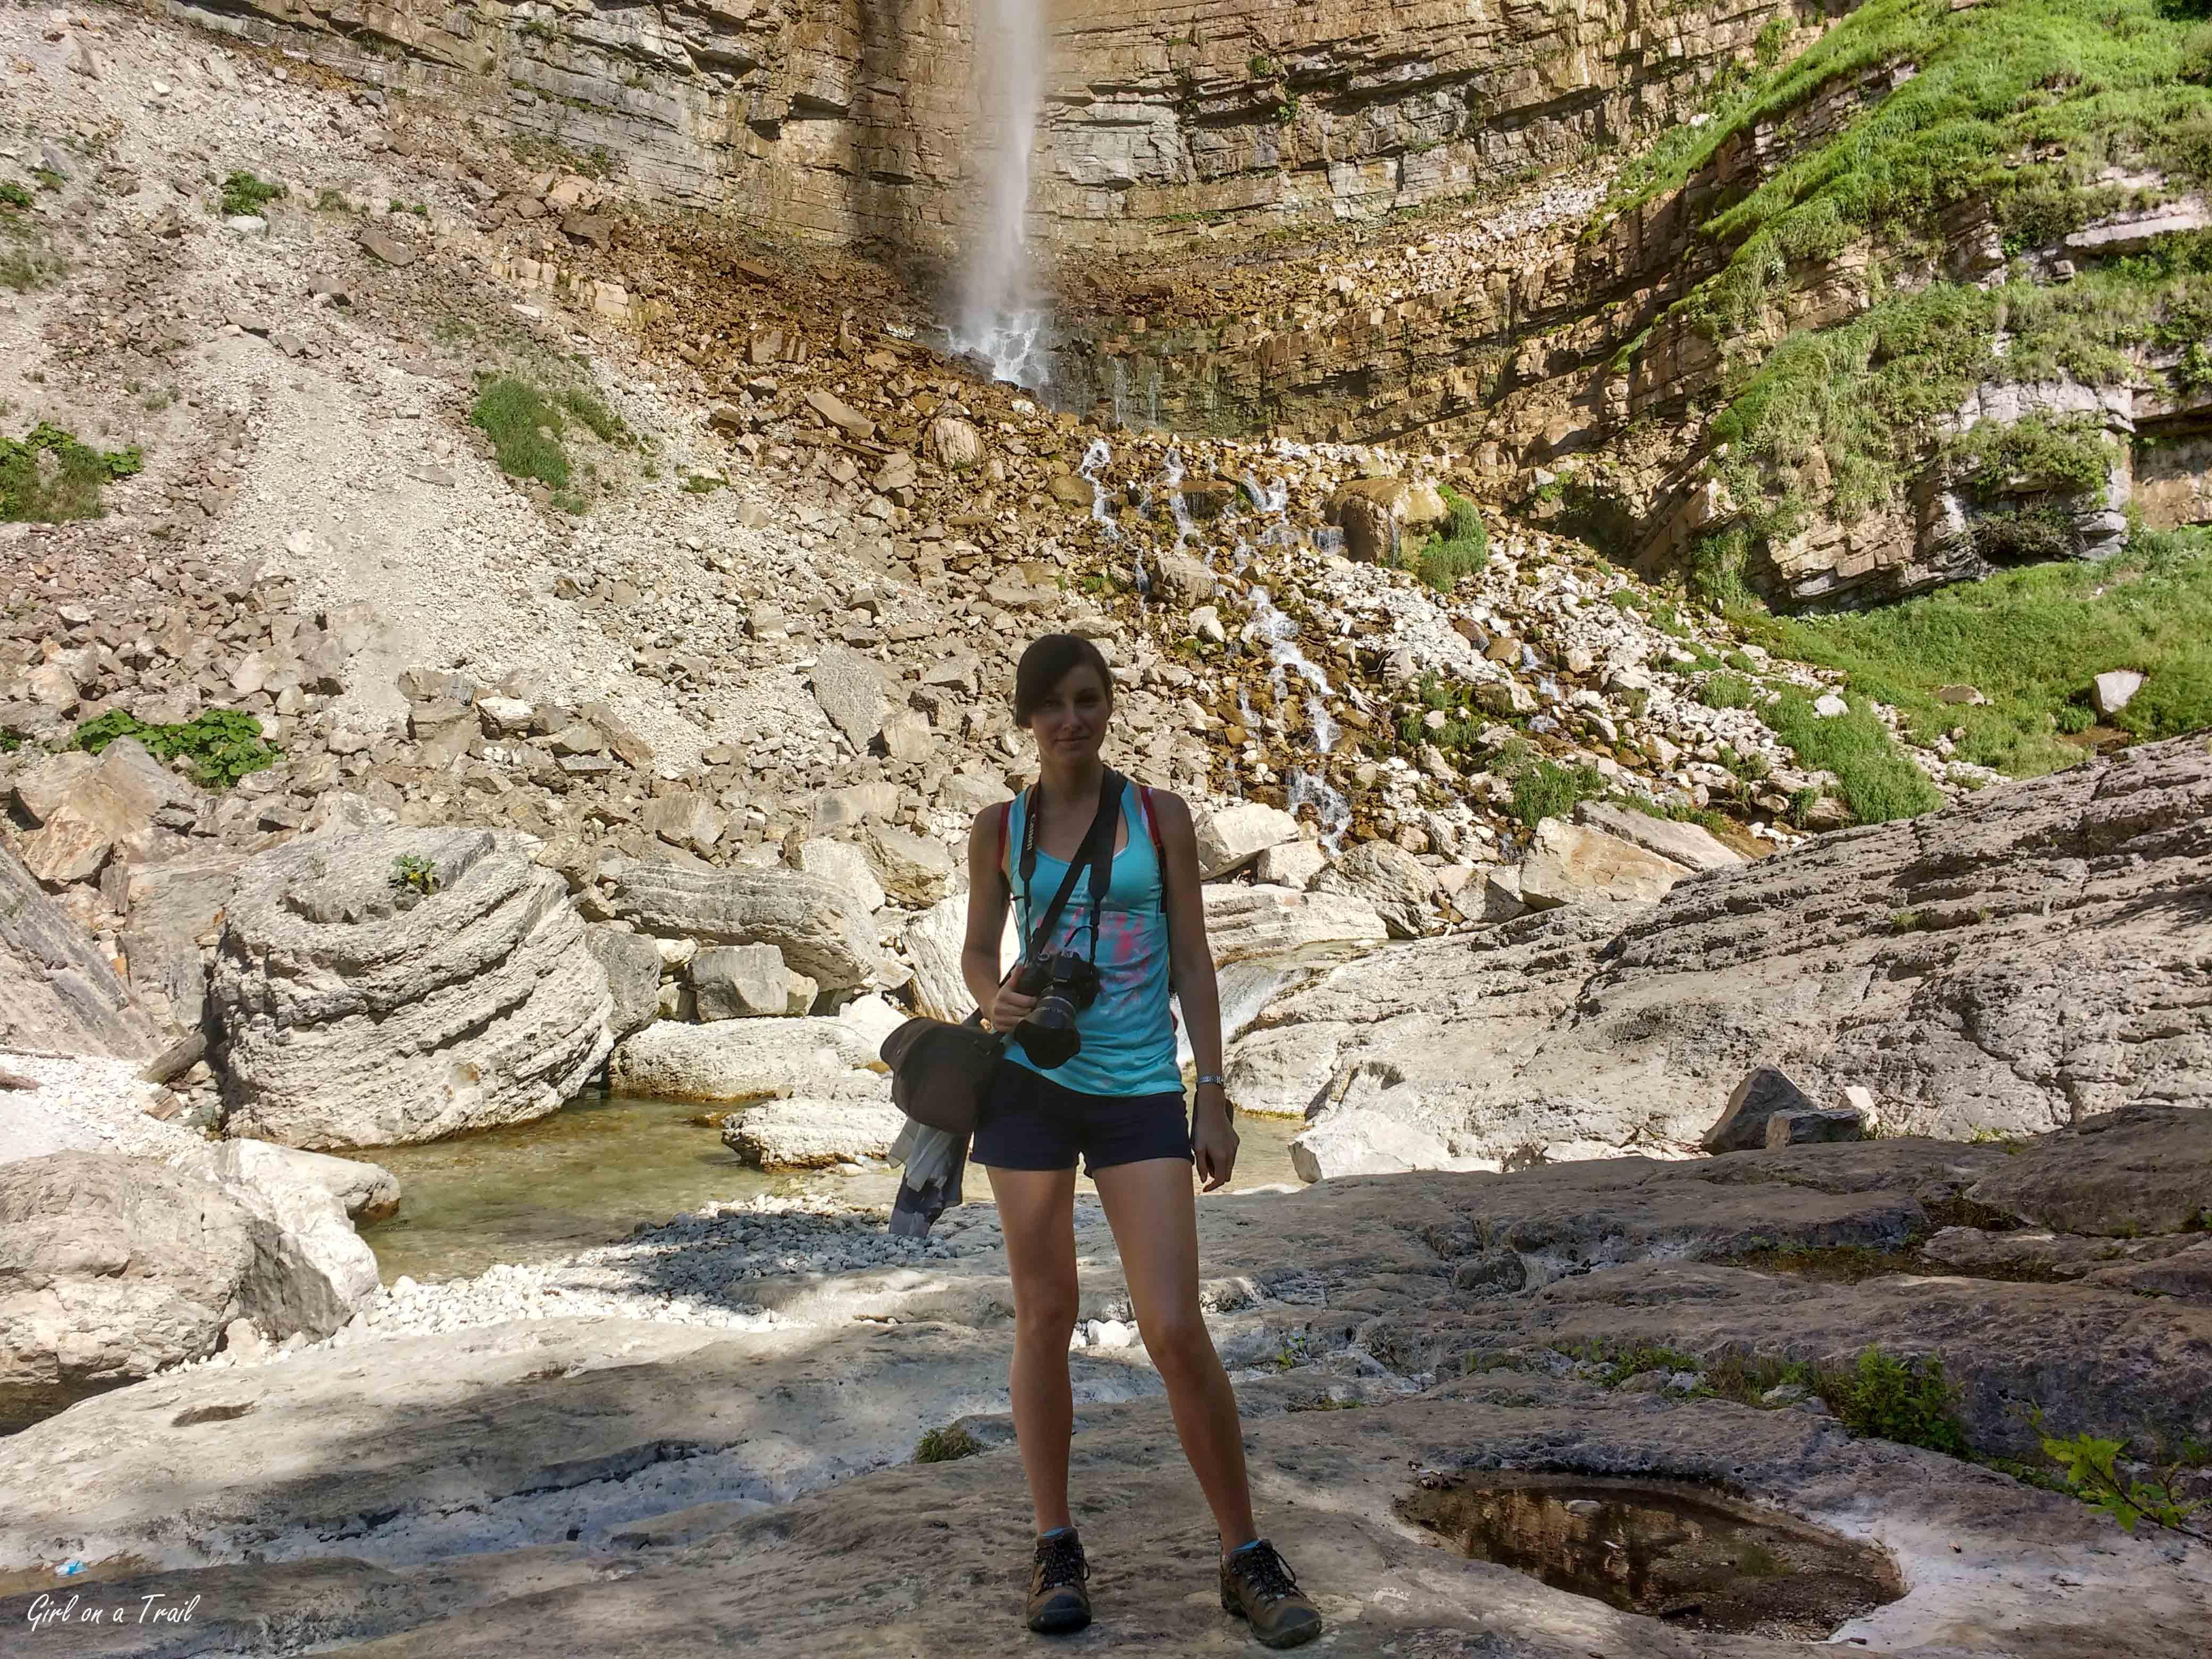 Gruzja - wodospad Kinchkha